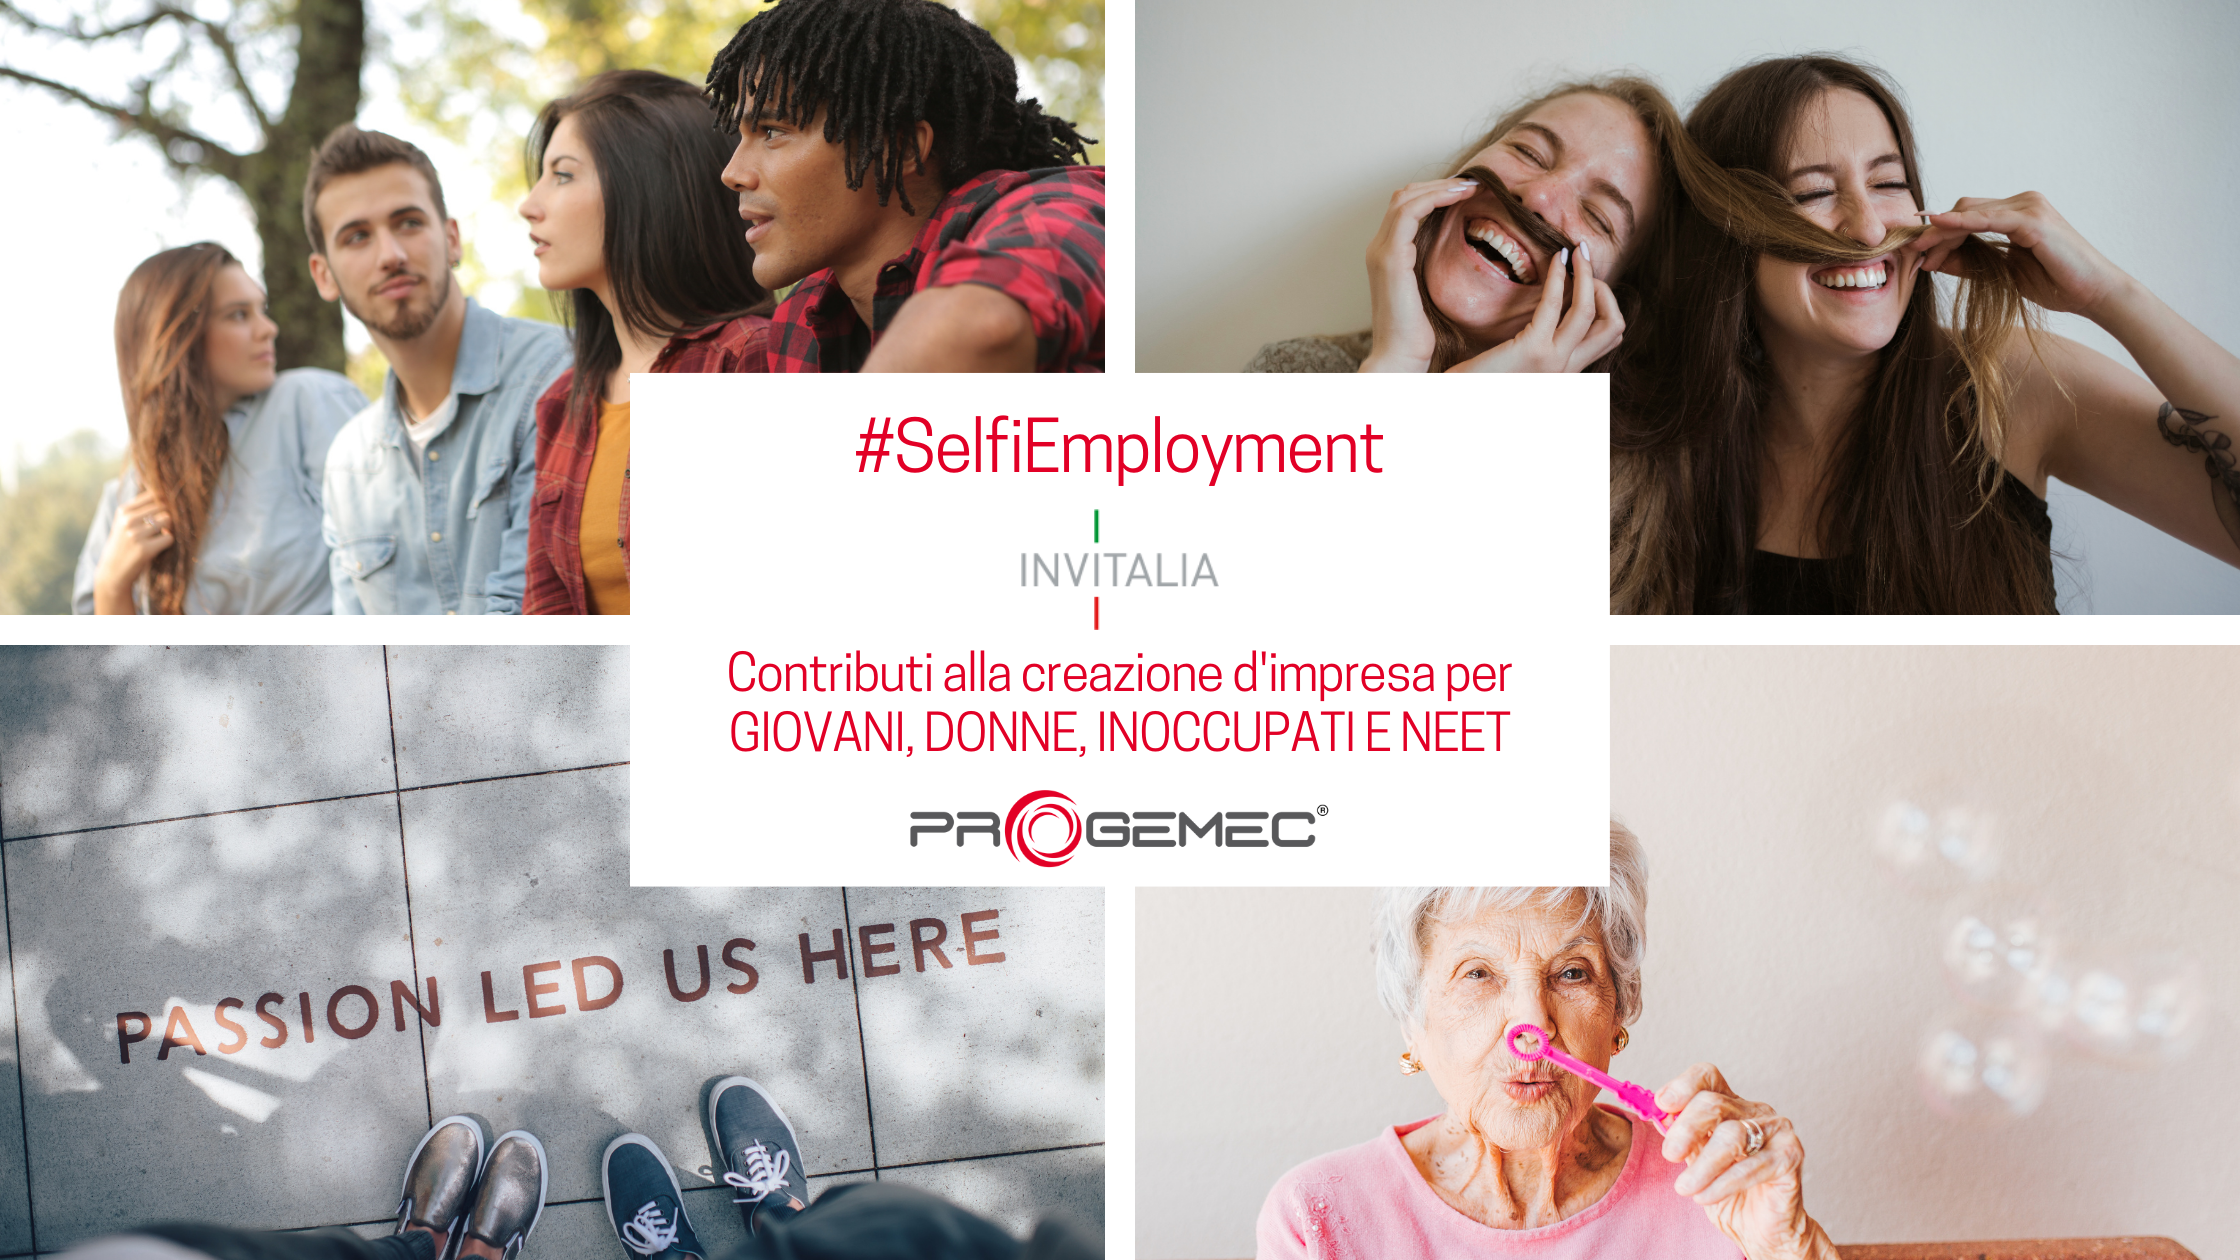 NUOVO SELFIEMPLOYMENT Prestiti a tasso zero per giovani, donne e disoccupati